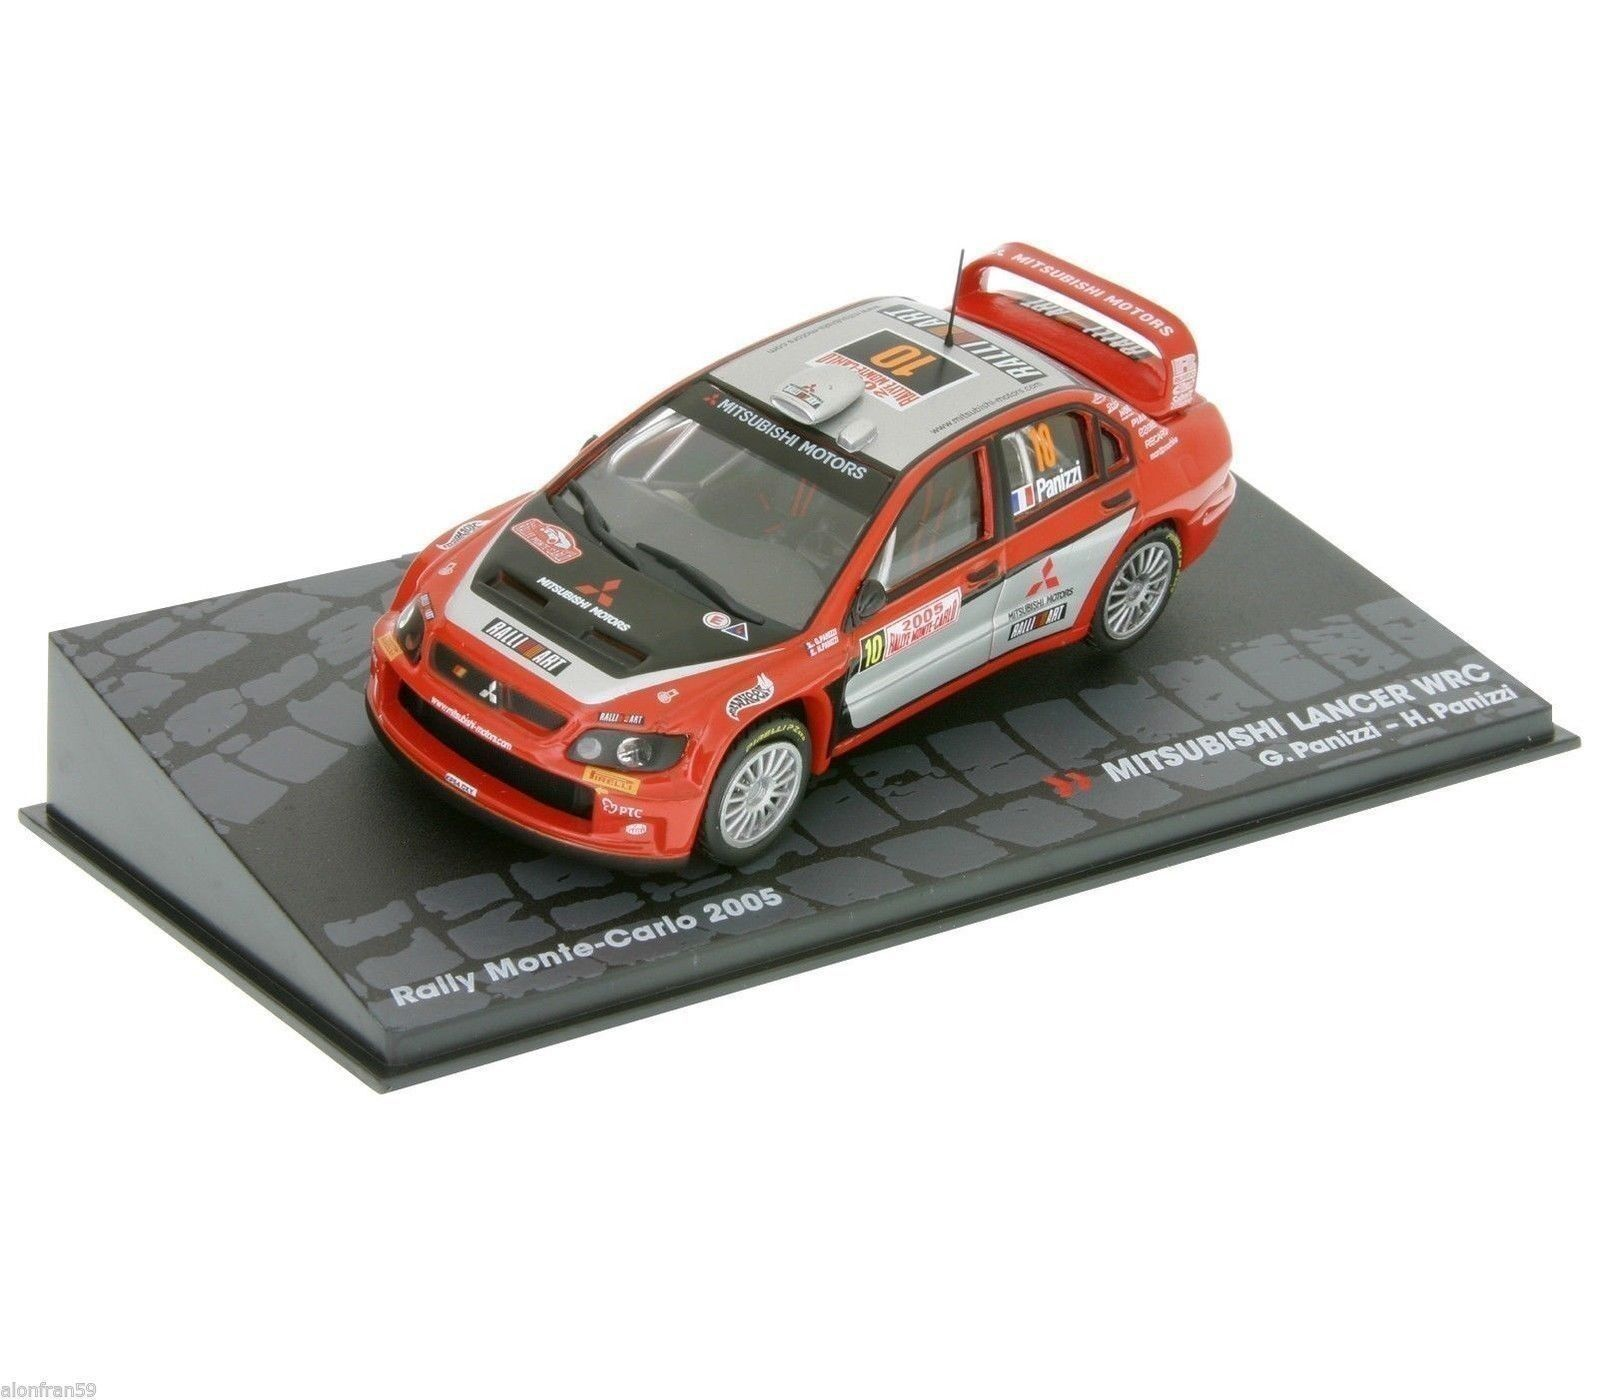 RALLY IXO DIECAST 1 43 Mitsubishi Mitsubishi Mitsubishi Evo WRC Panizzi Panizzi 2005 - RAL031 79b2ec